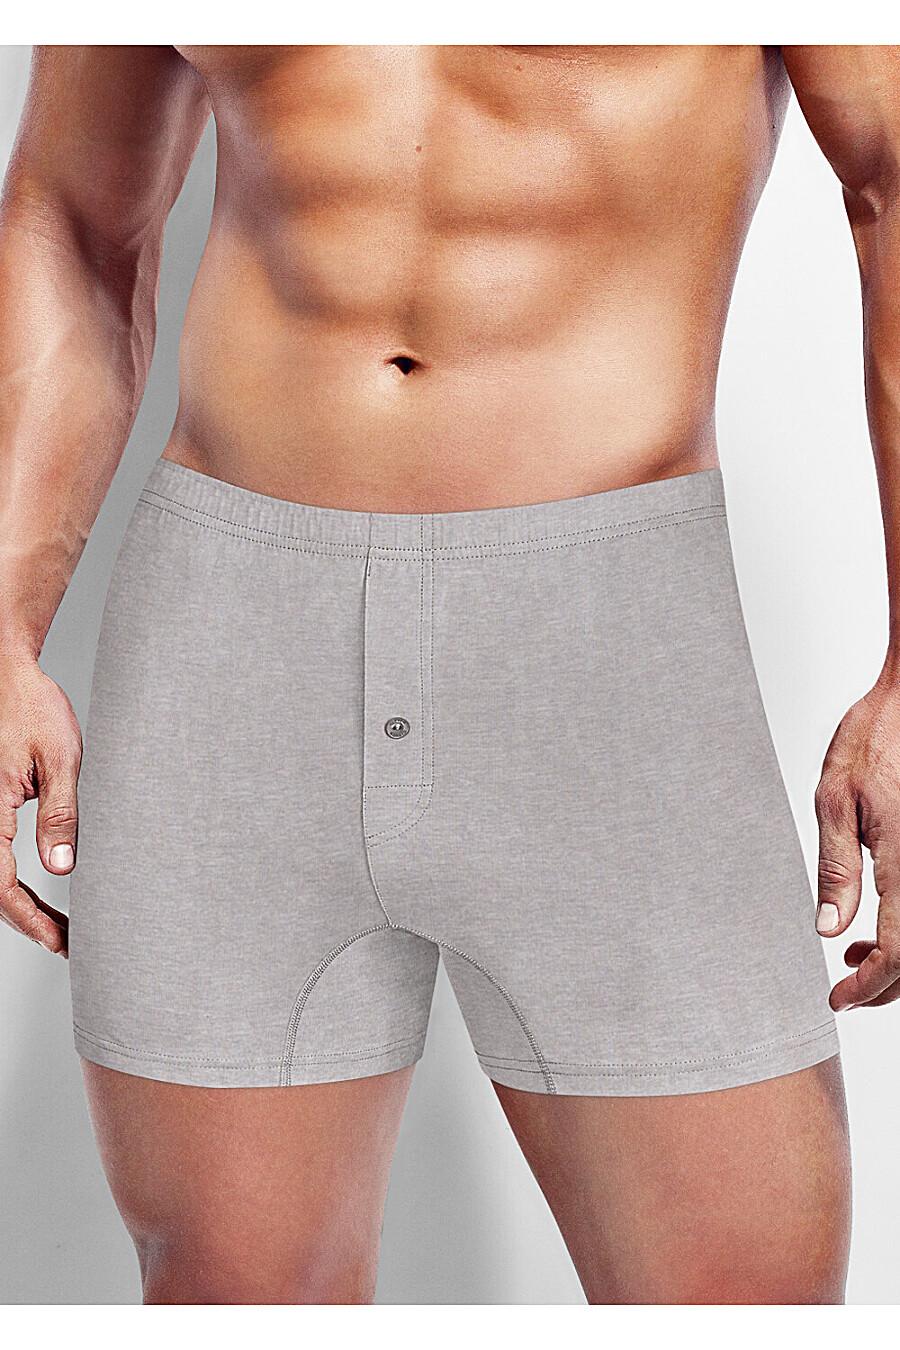 Трусы для мужчин CLEVER 219674 купить оптом от производителя. Совместная покупка мужской одежды в OptMoyo